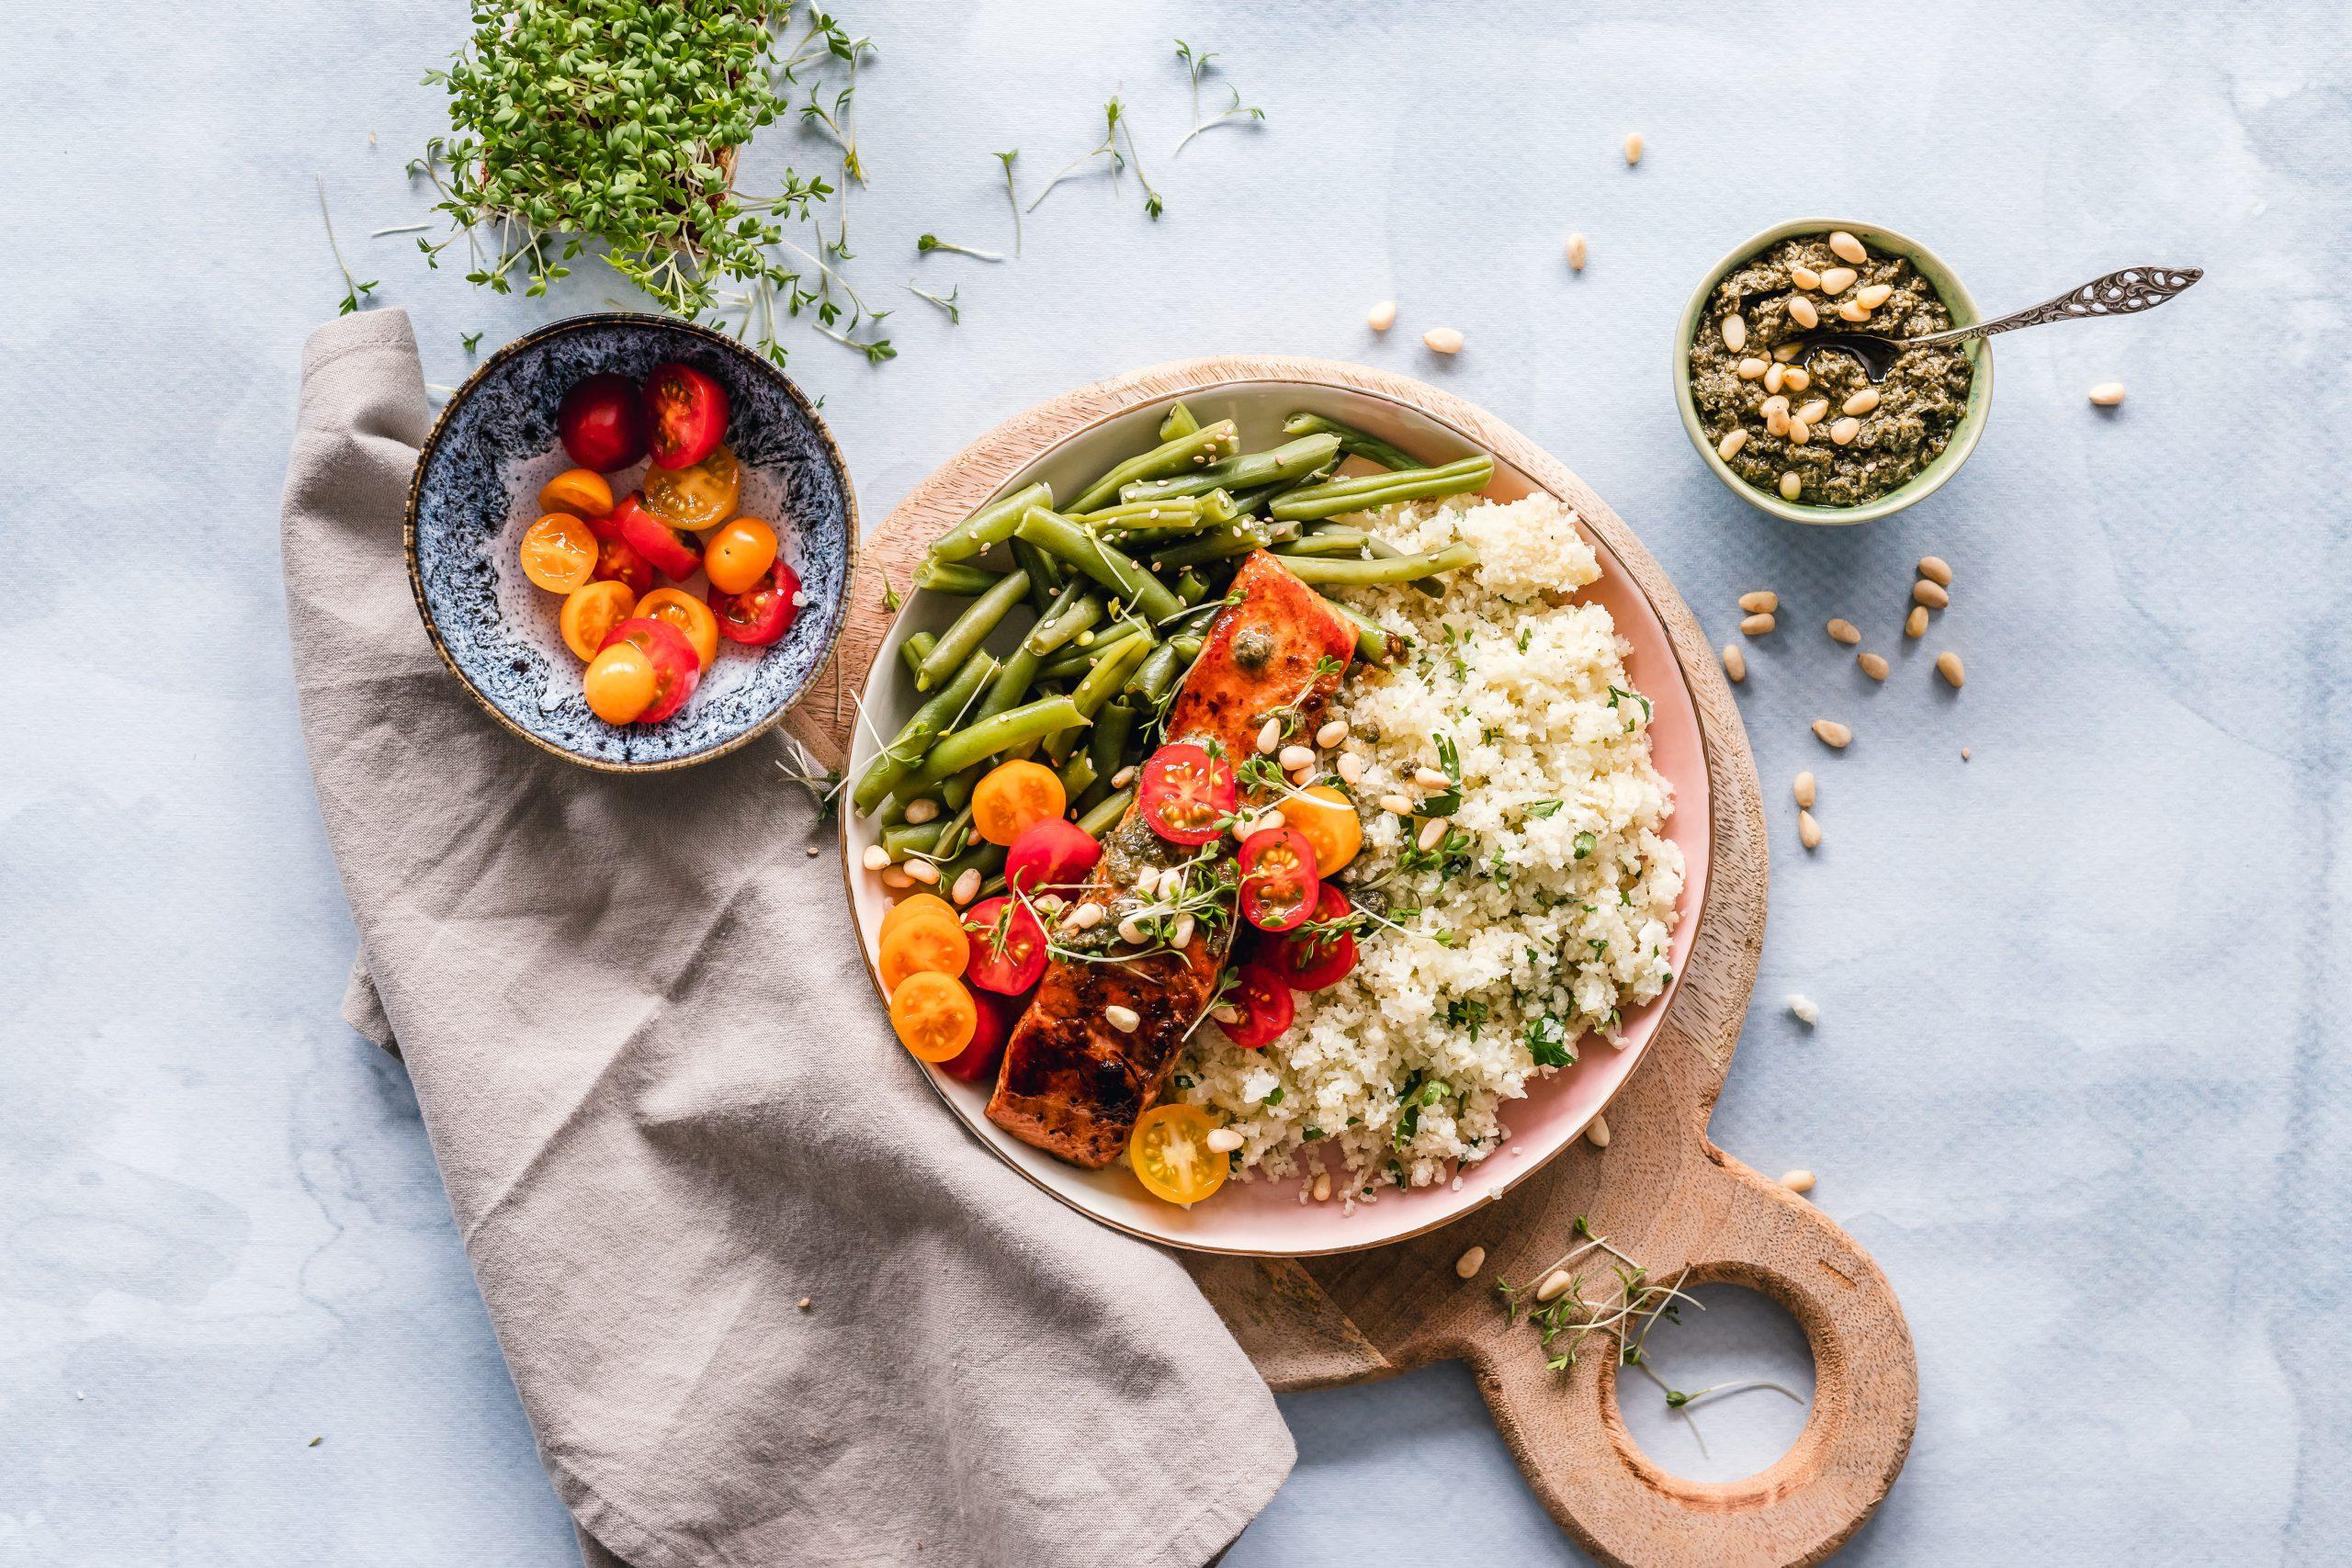 Eten laten bezorgen, afhalen of zelf koken?